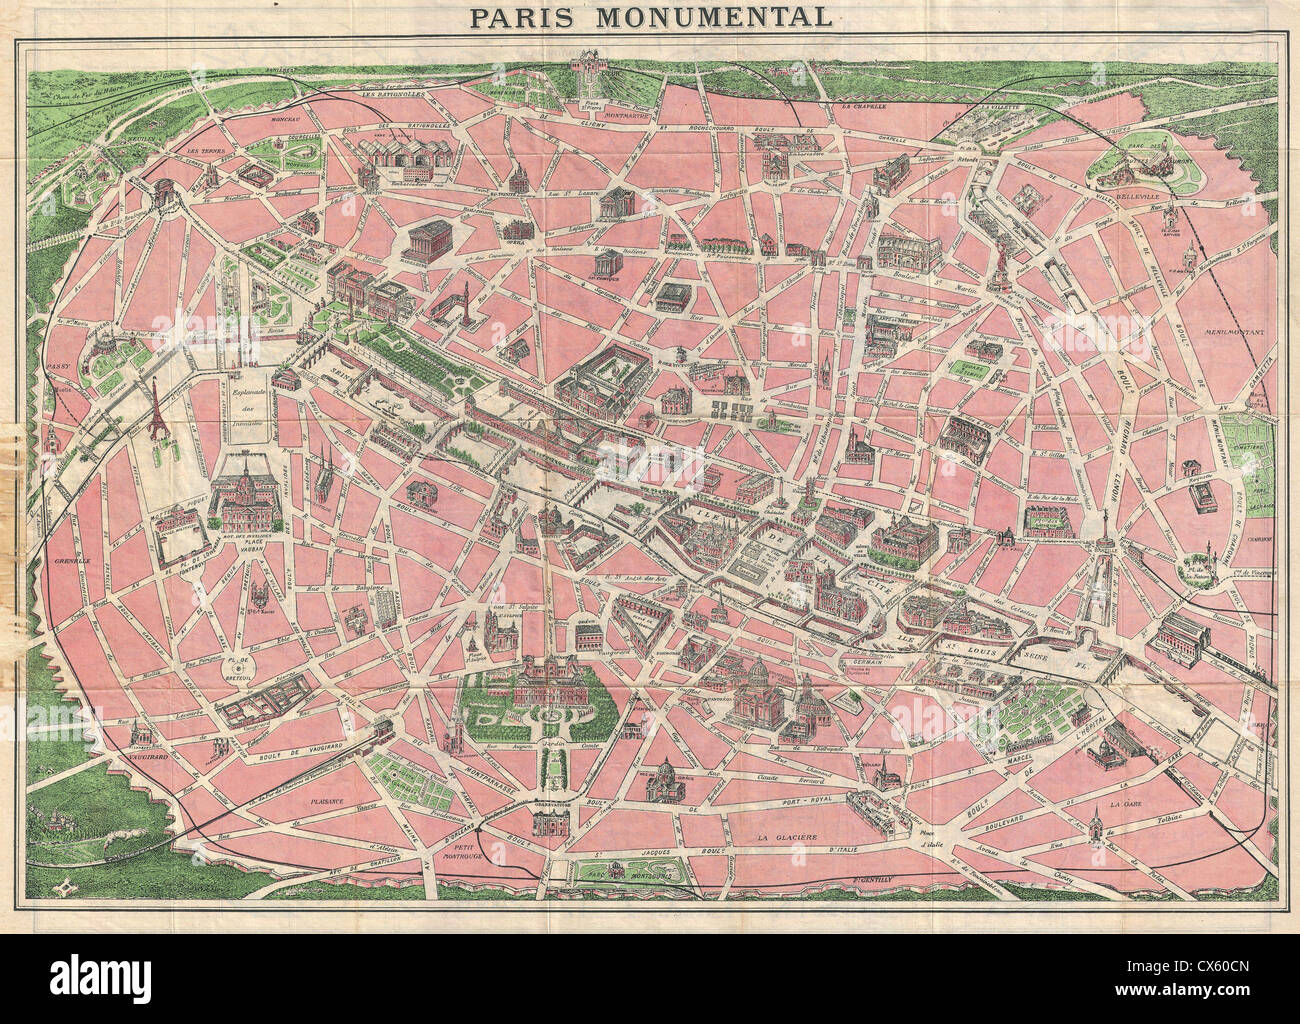 Cartina Della Francia Con Monumenti.Mappa Dei Monumenti Di Parigi Immagini E Fotos Stock Alamy